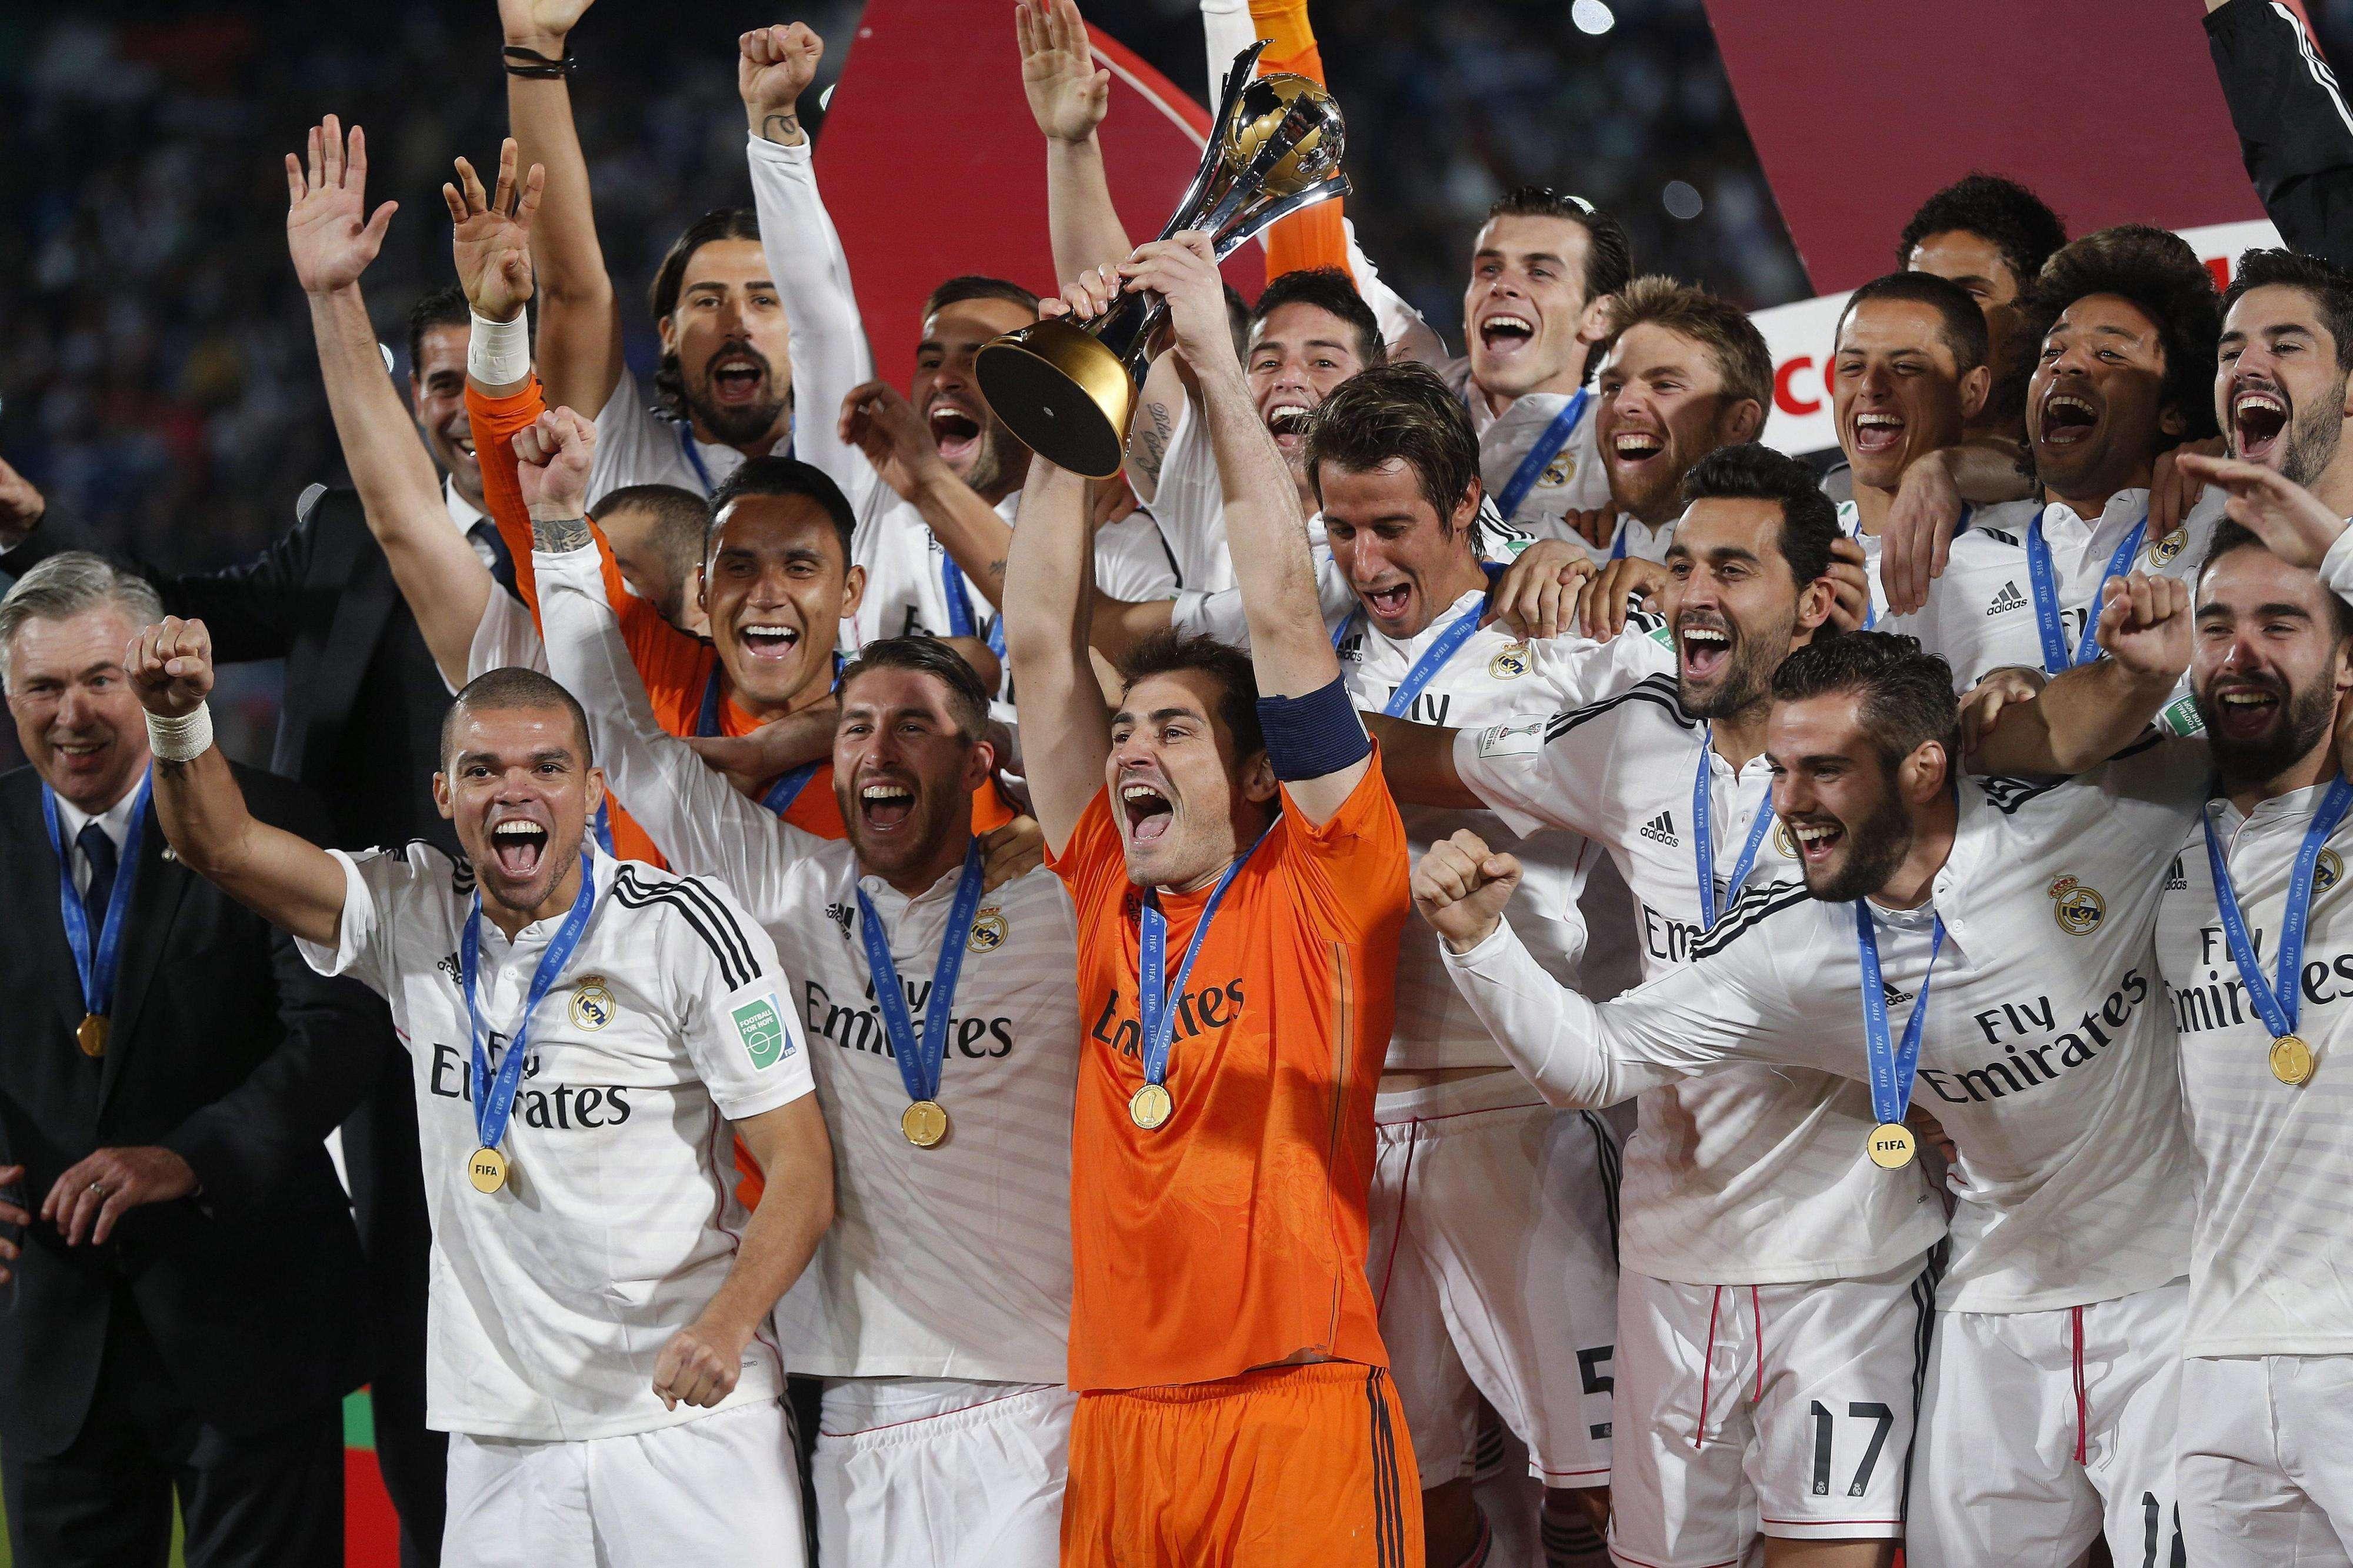 Real Madrid, campeón del Mundial de Clubes 2014. Foto: EFE en español